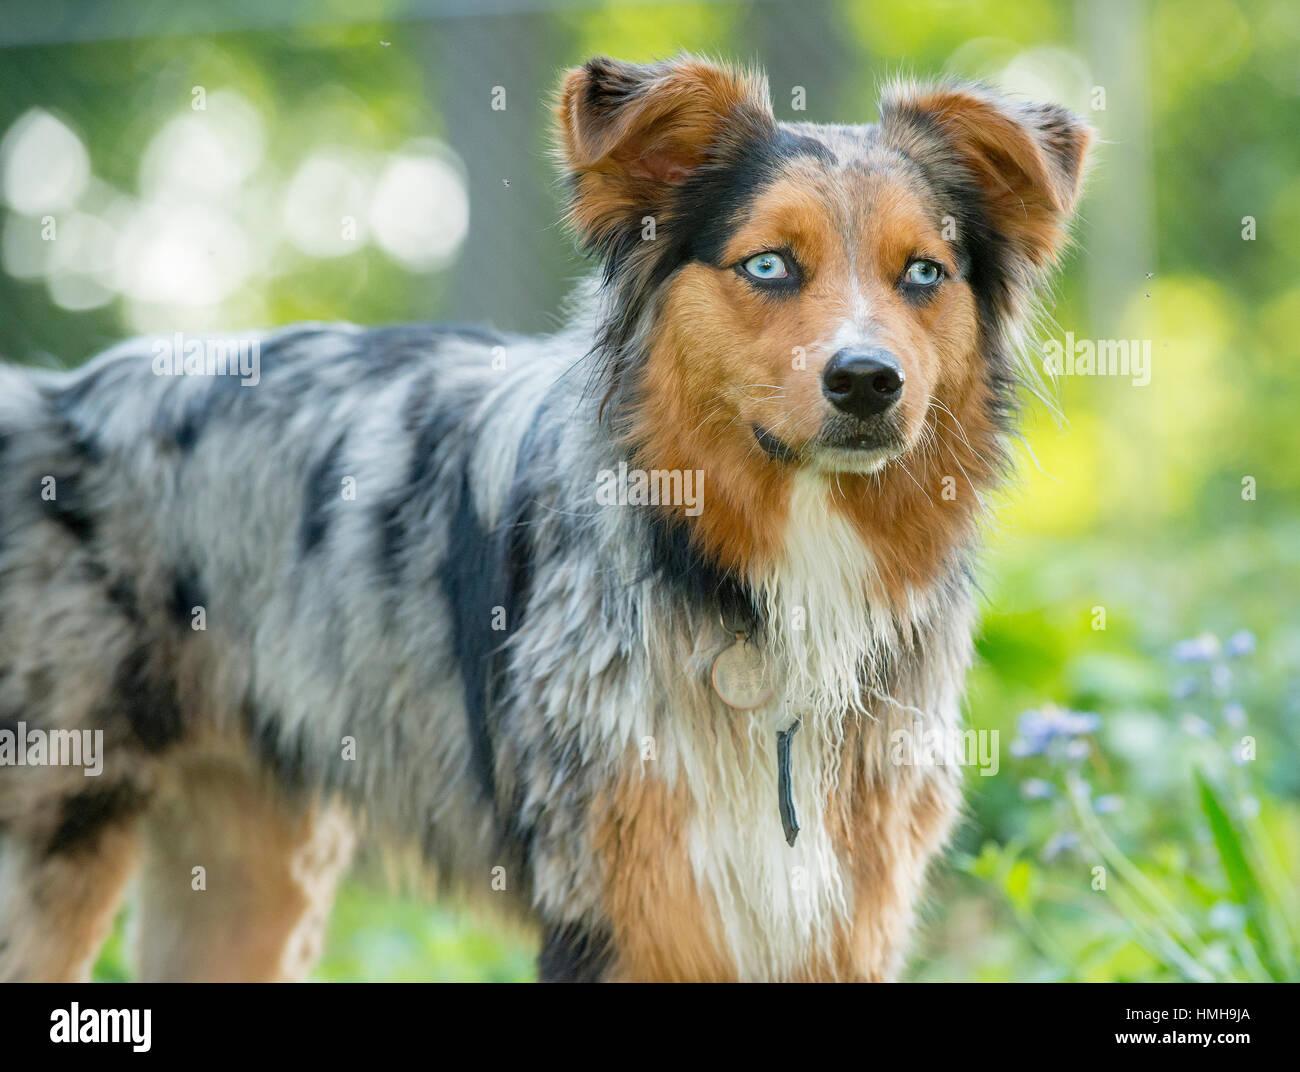 Precioso Pastor Australiano Shepard Aussie perro tricolor que plantean fuera 3/4 Imagen De Stock